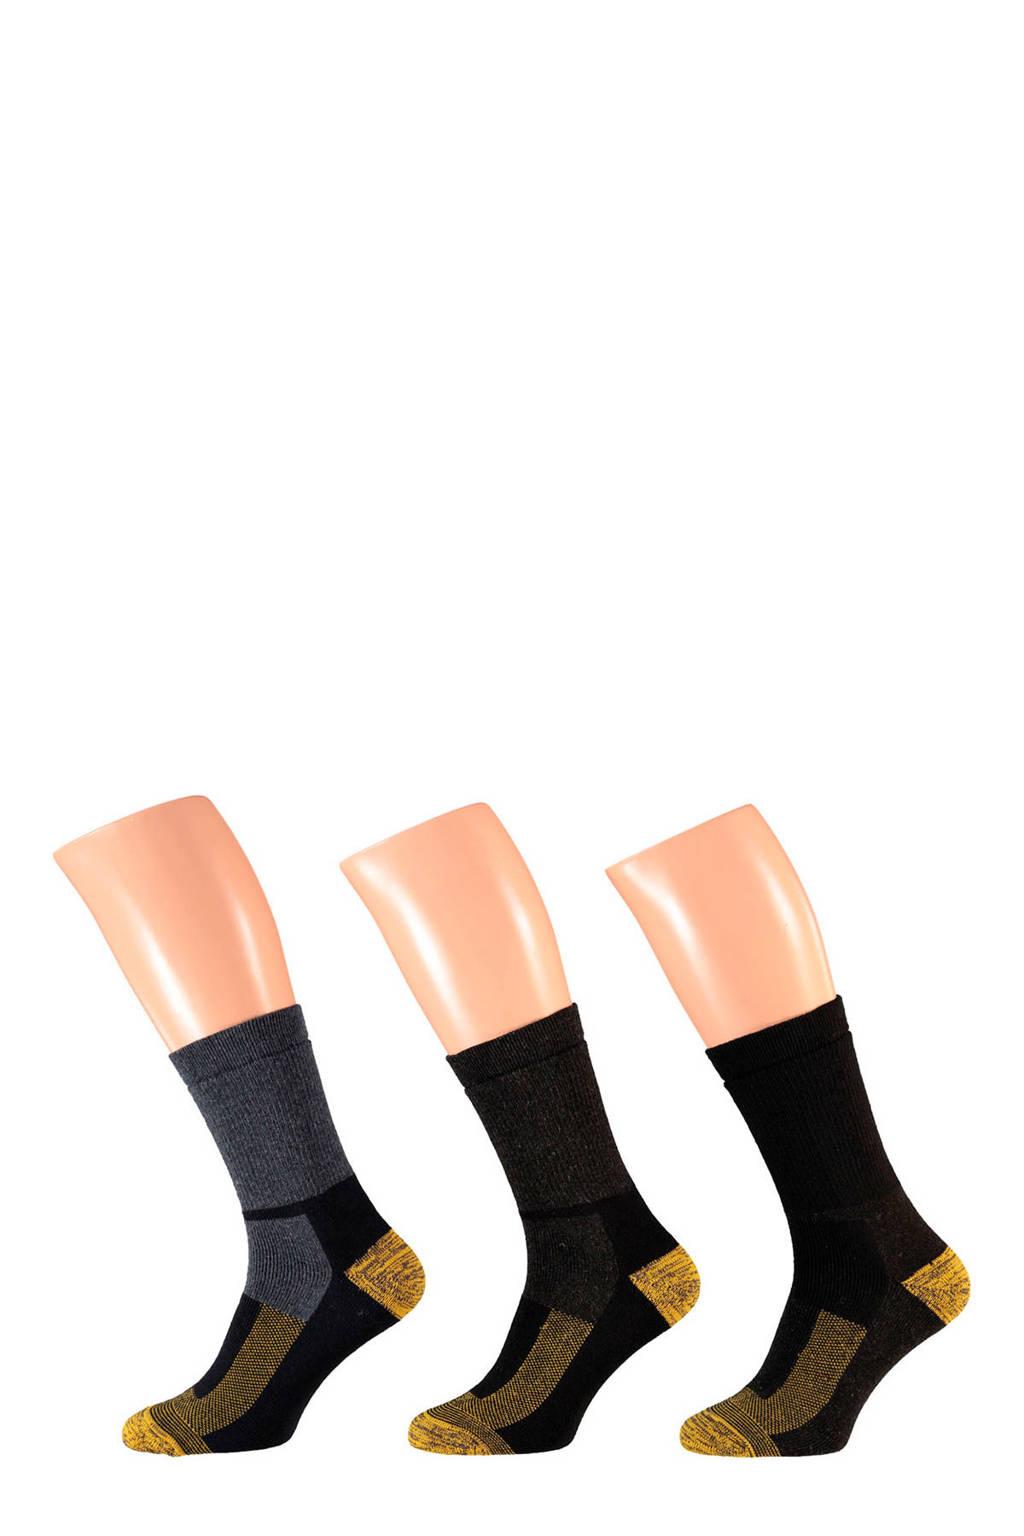 Apollo thermo sokken set van 3 paar, Zwart/grijs